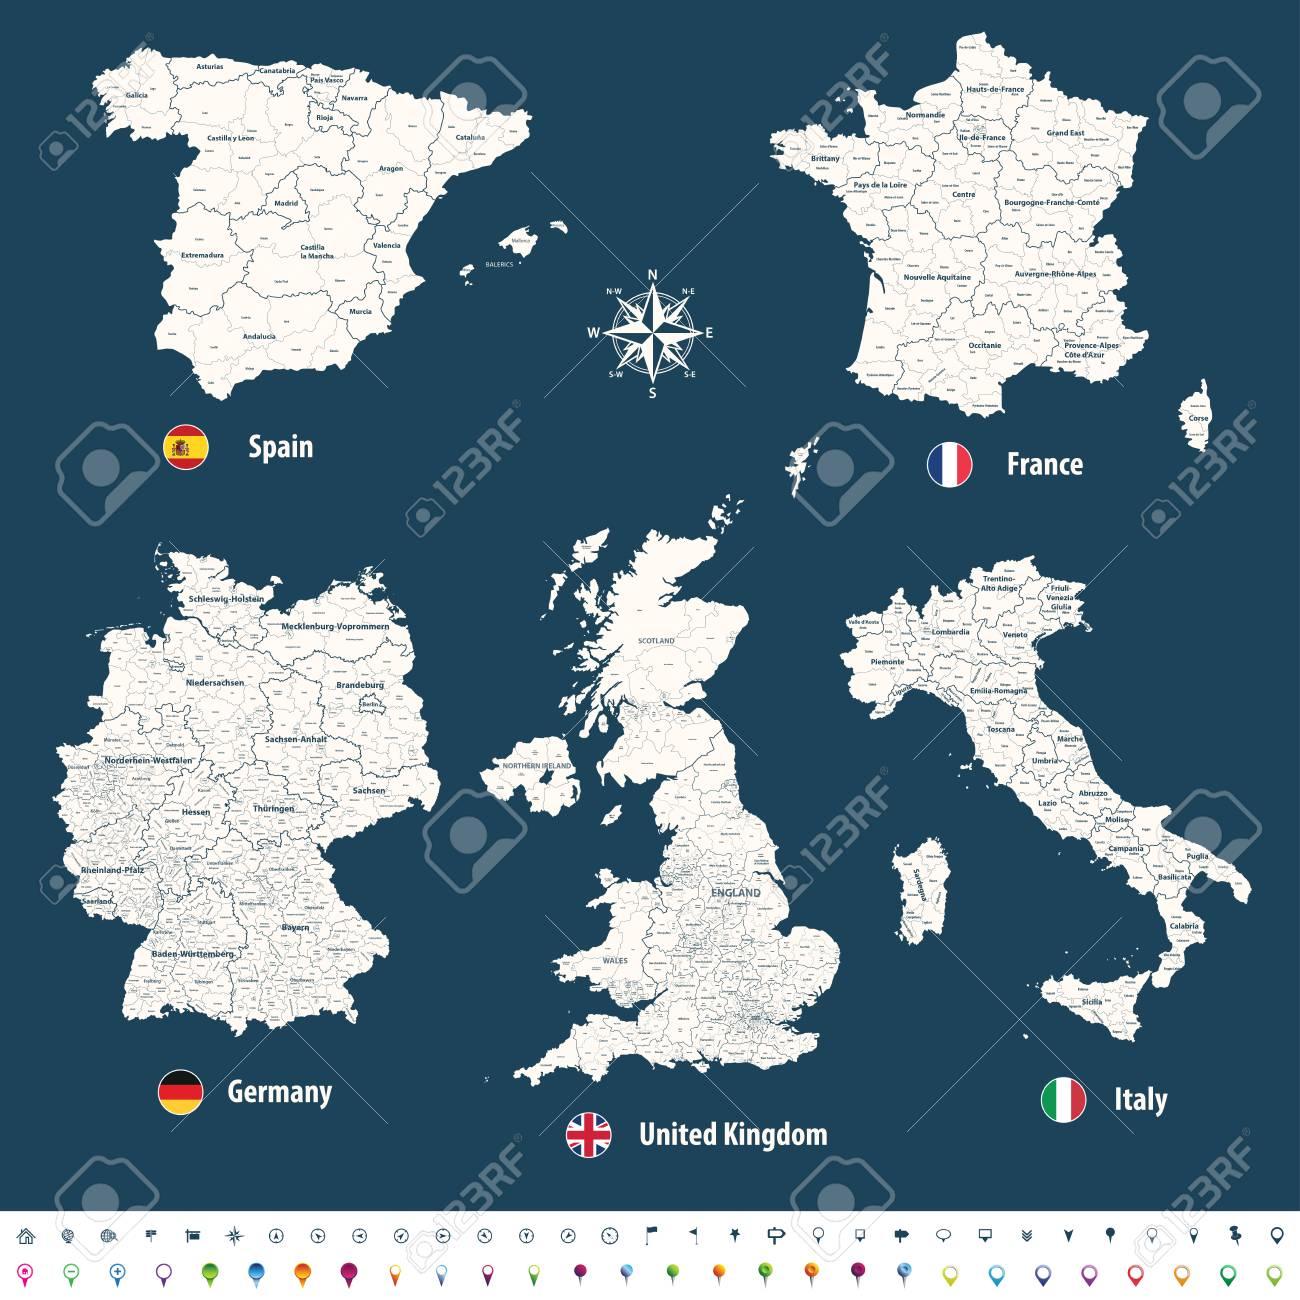 Vektor Karten Von Grossbritannien Italien Deutschland Frankreich